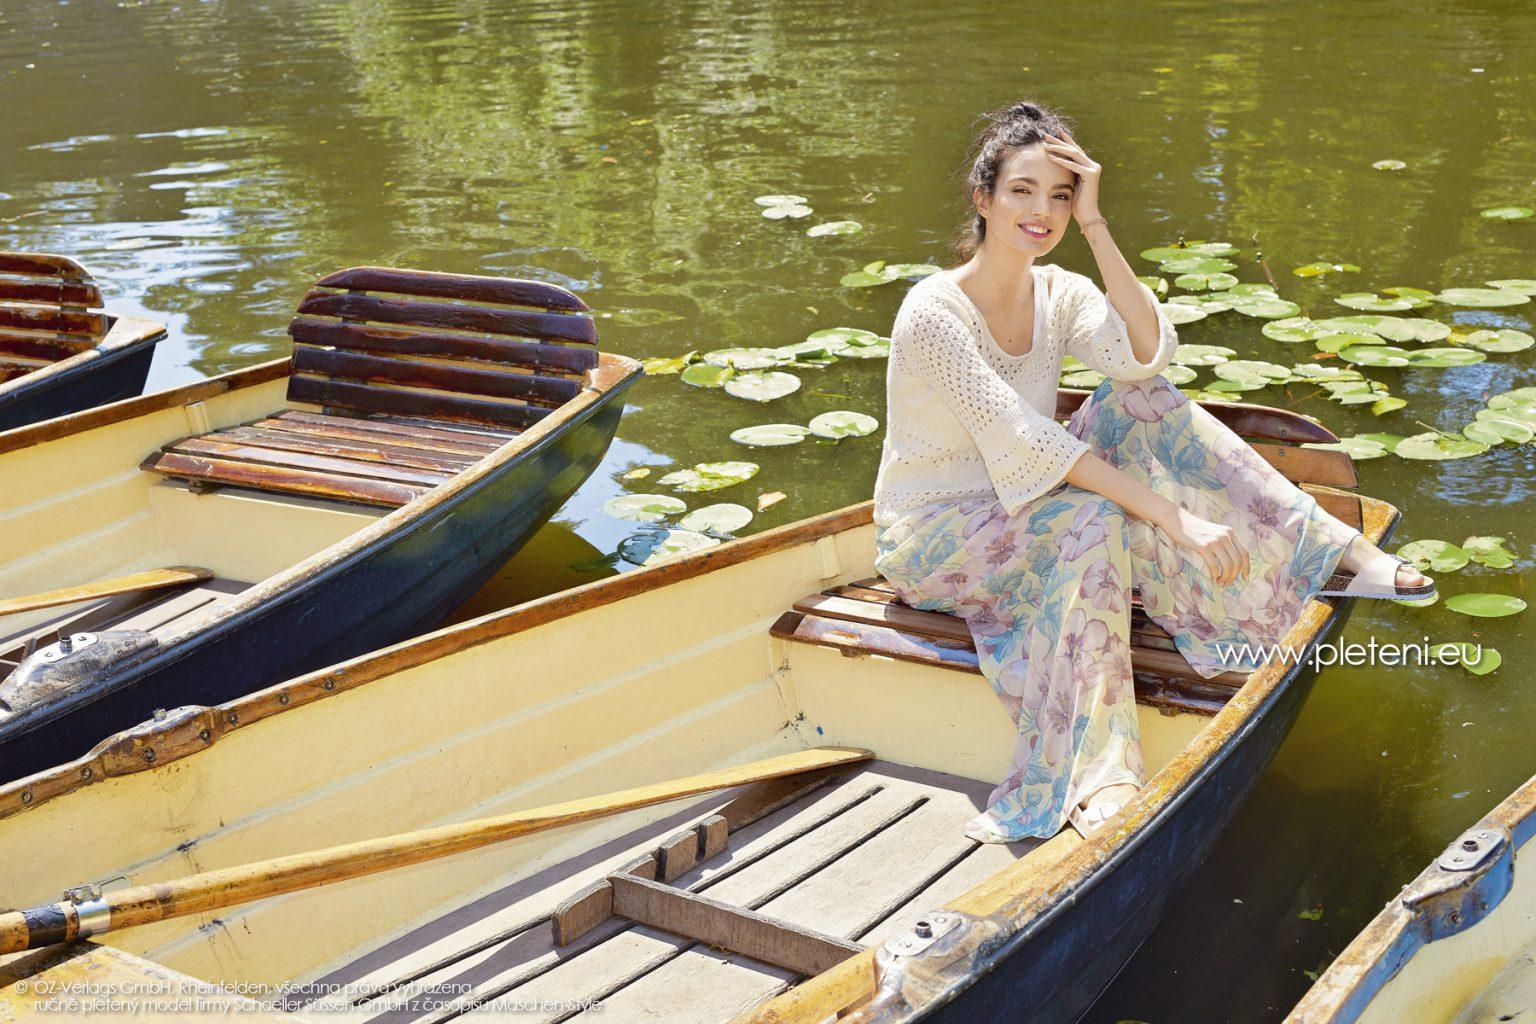 2019-L-01 dámský pletený svetr z příze Merino Cotton firmy Schoeller